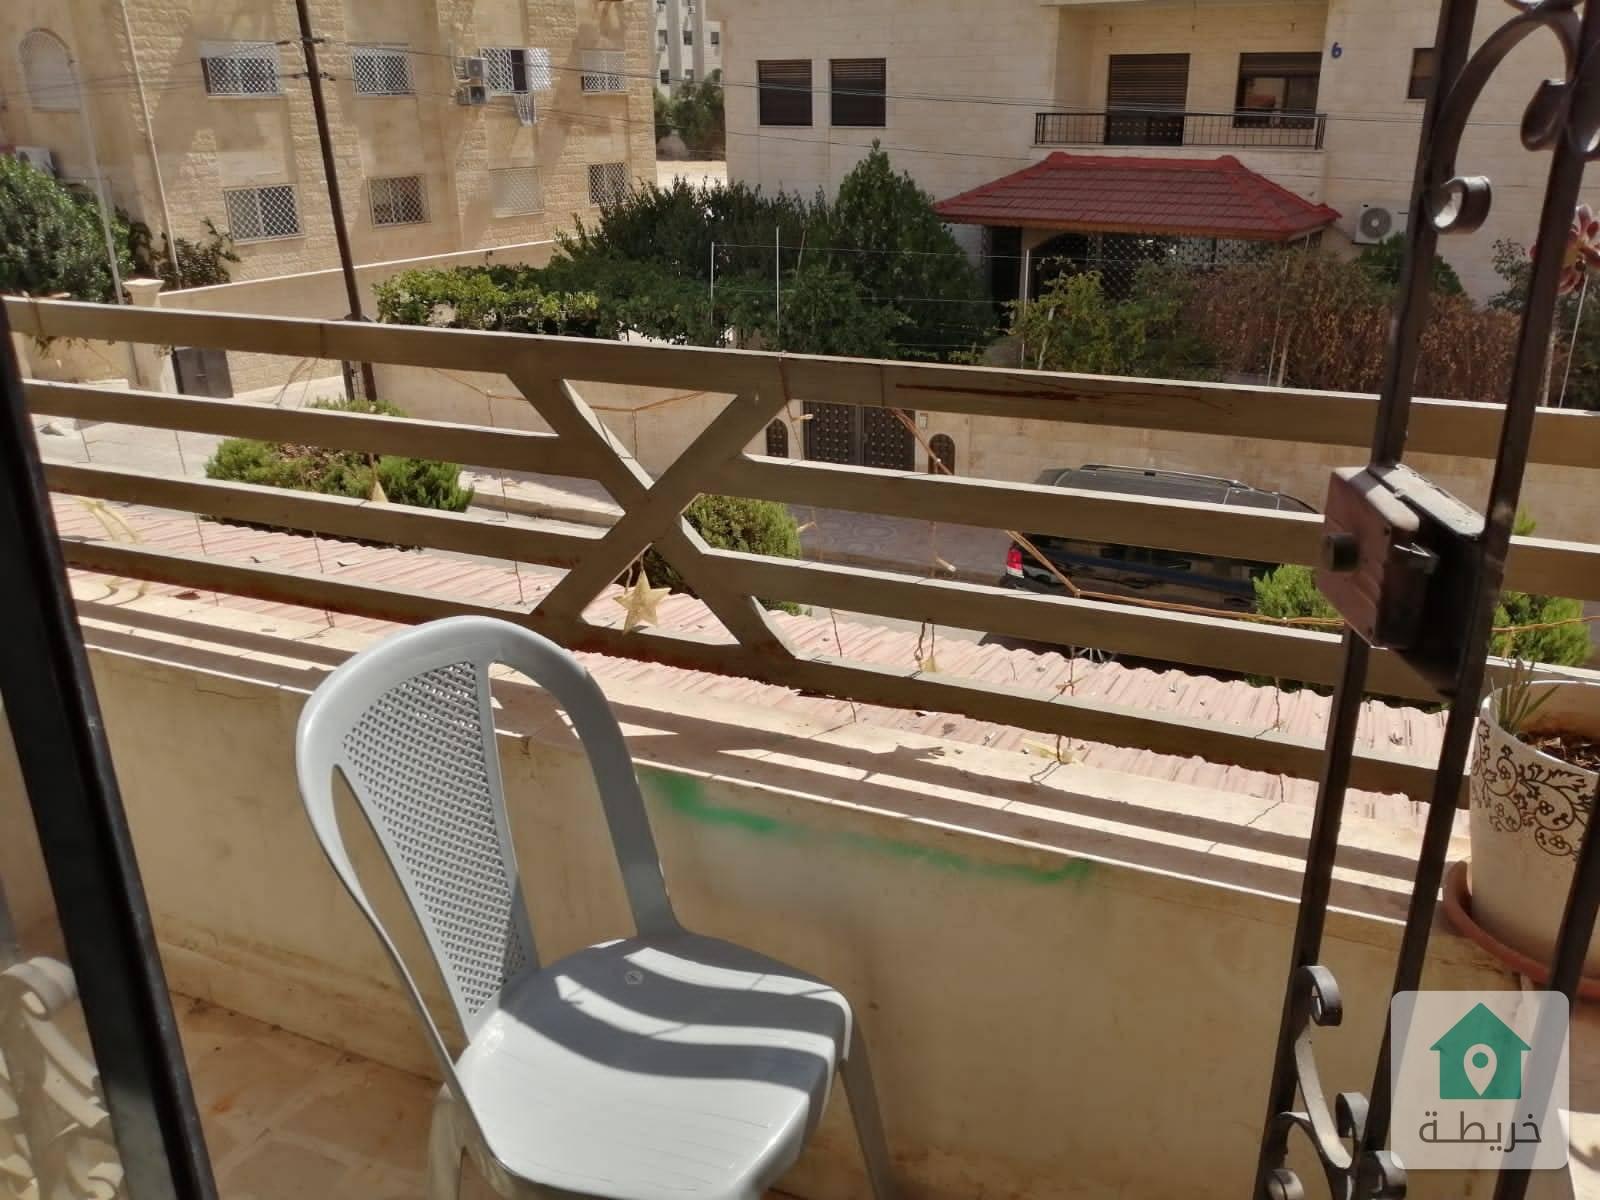 شقه طابقيه  الدوار السابع مقابل مدرسه الشهيد فراس العجلوني